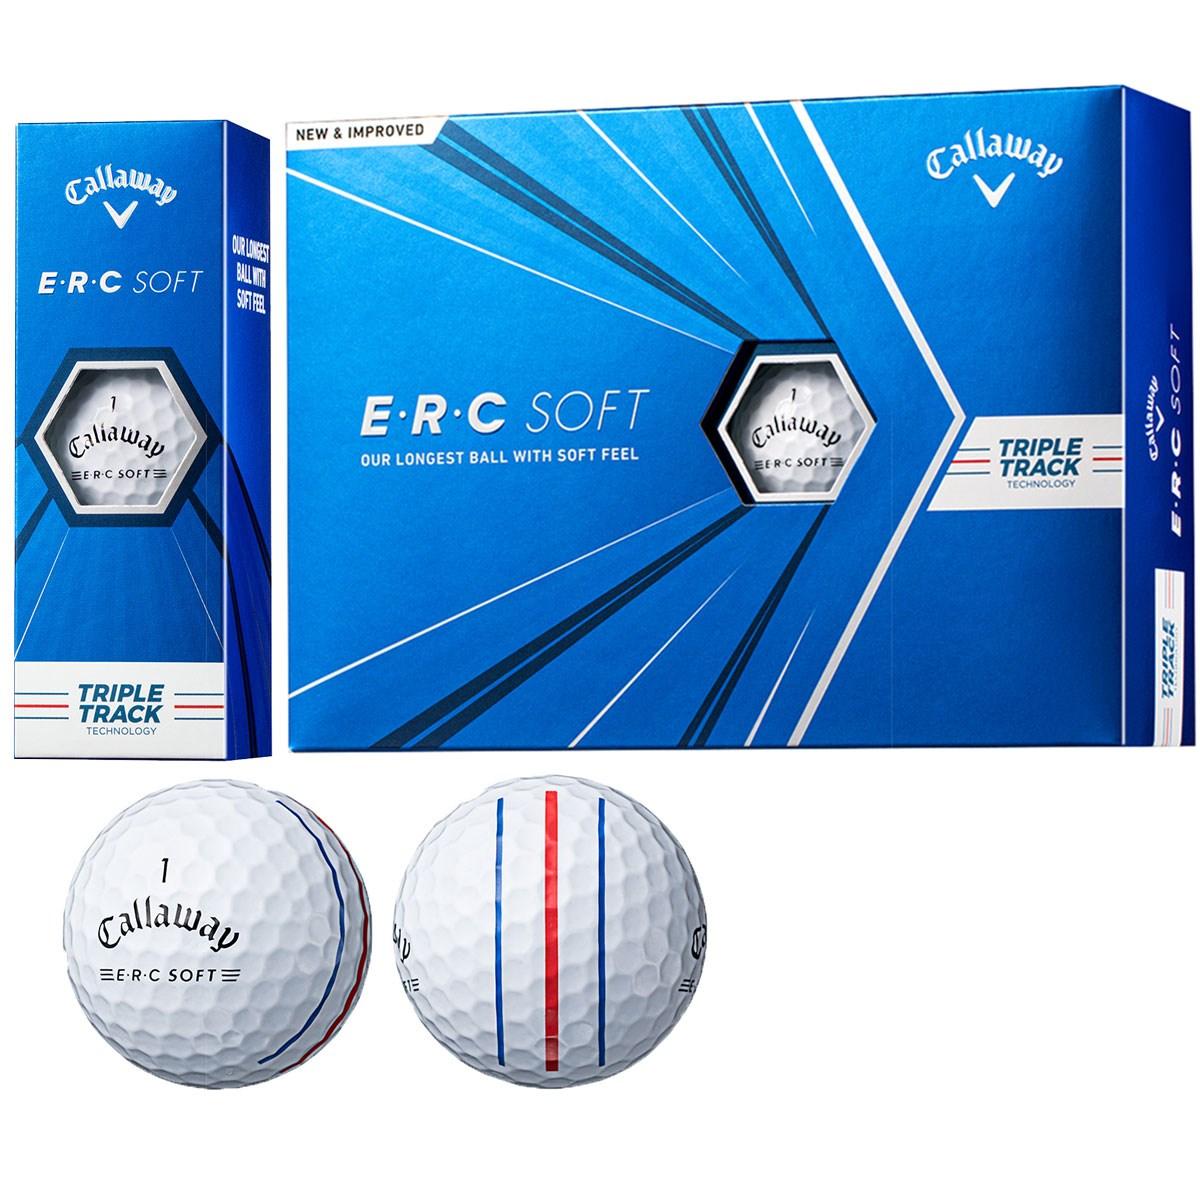 キャロウェイゴルフ E・R・C ERC SOFT 21 TRIPLE TRACKボール 1ダース(12個入り) ホワイト